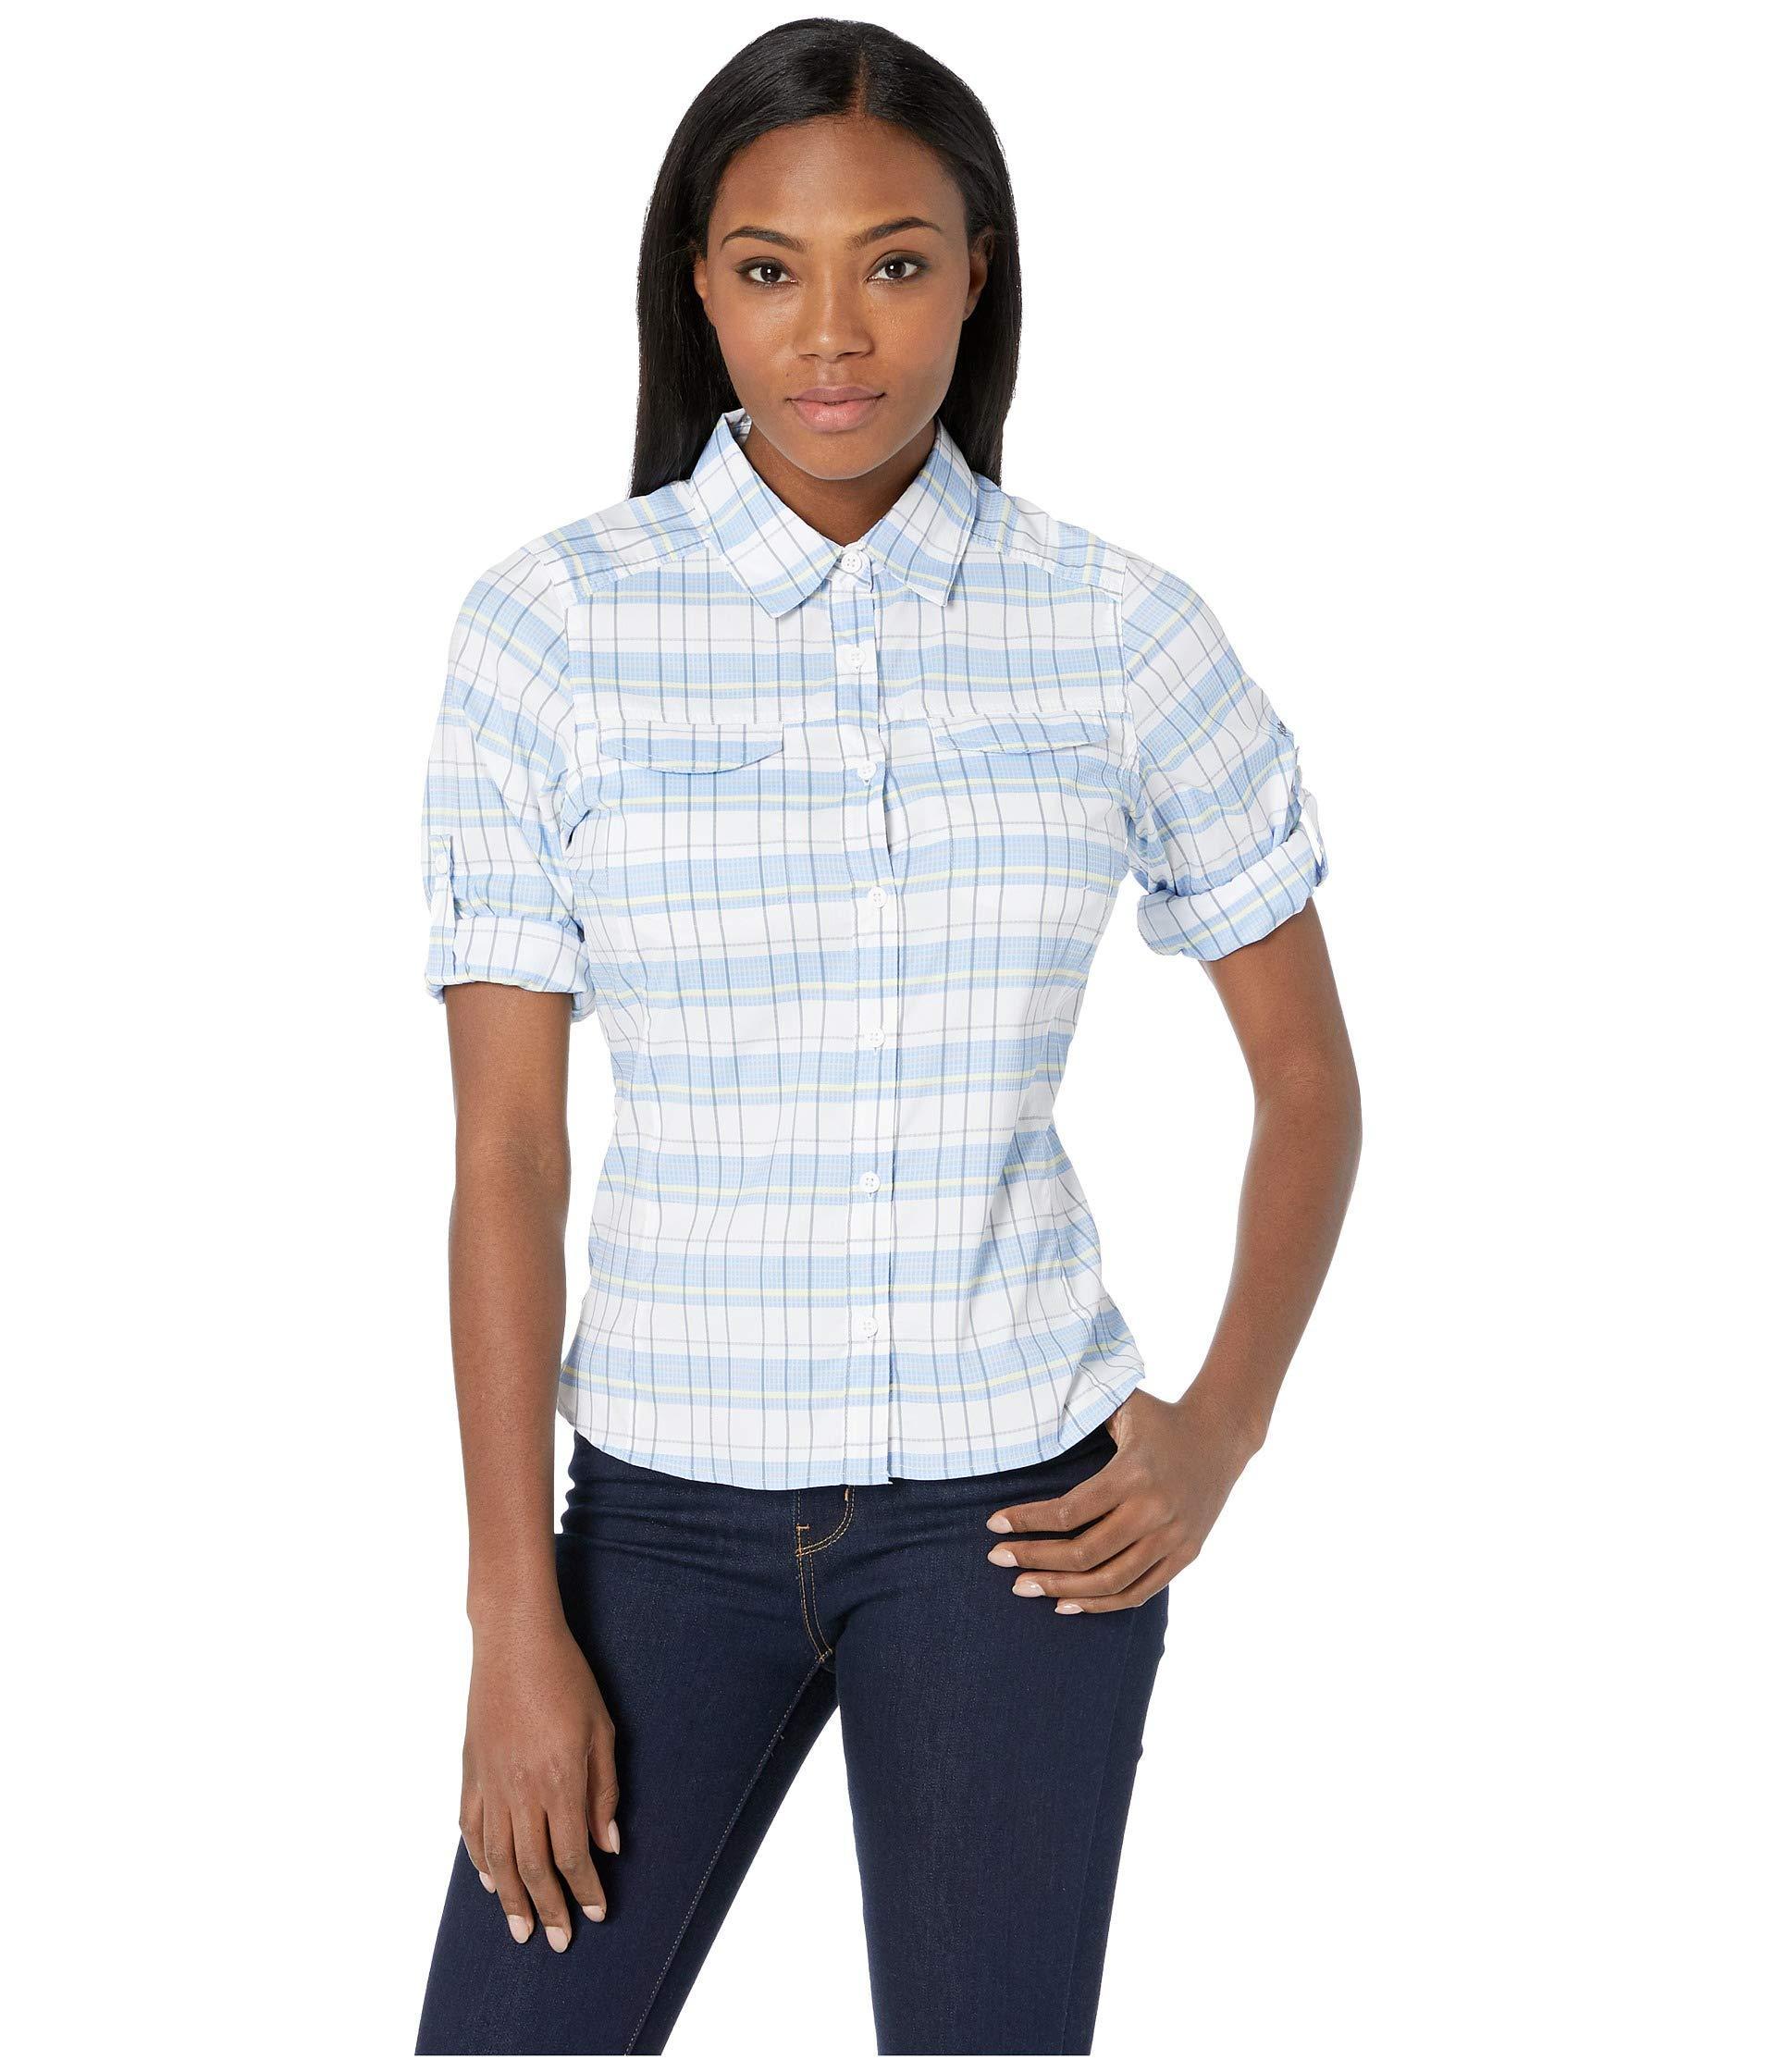 e035321b5a9 Columbia Womens Silver Ridge Plaid Long Sleeve Shirt - DREAMWORKS